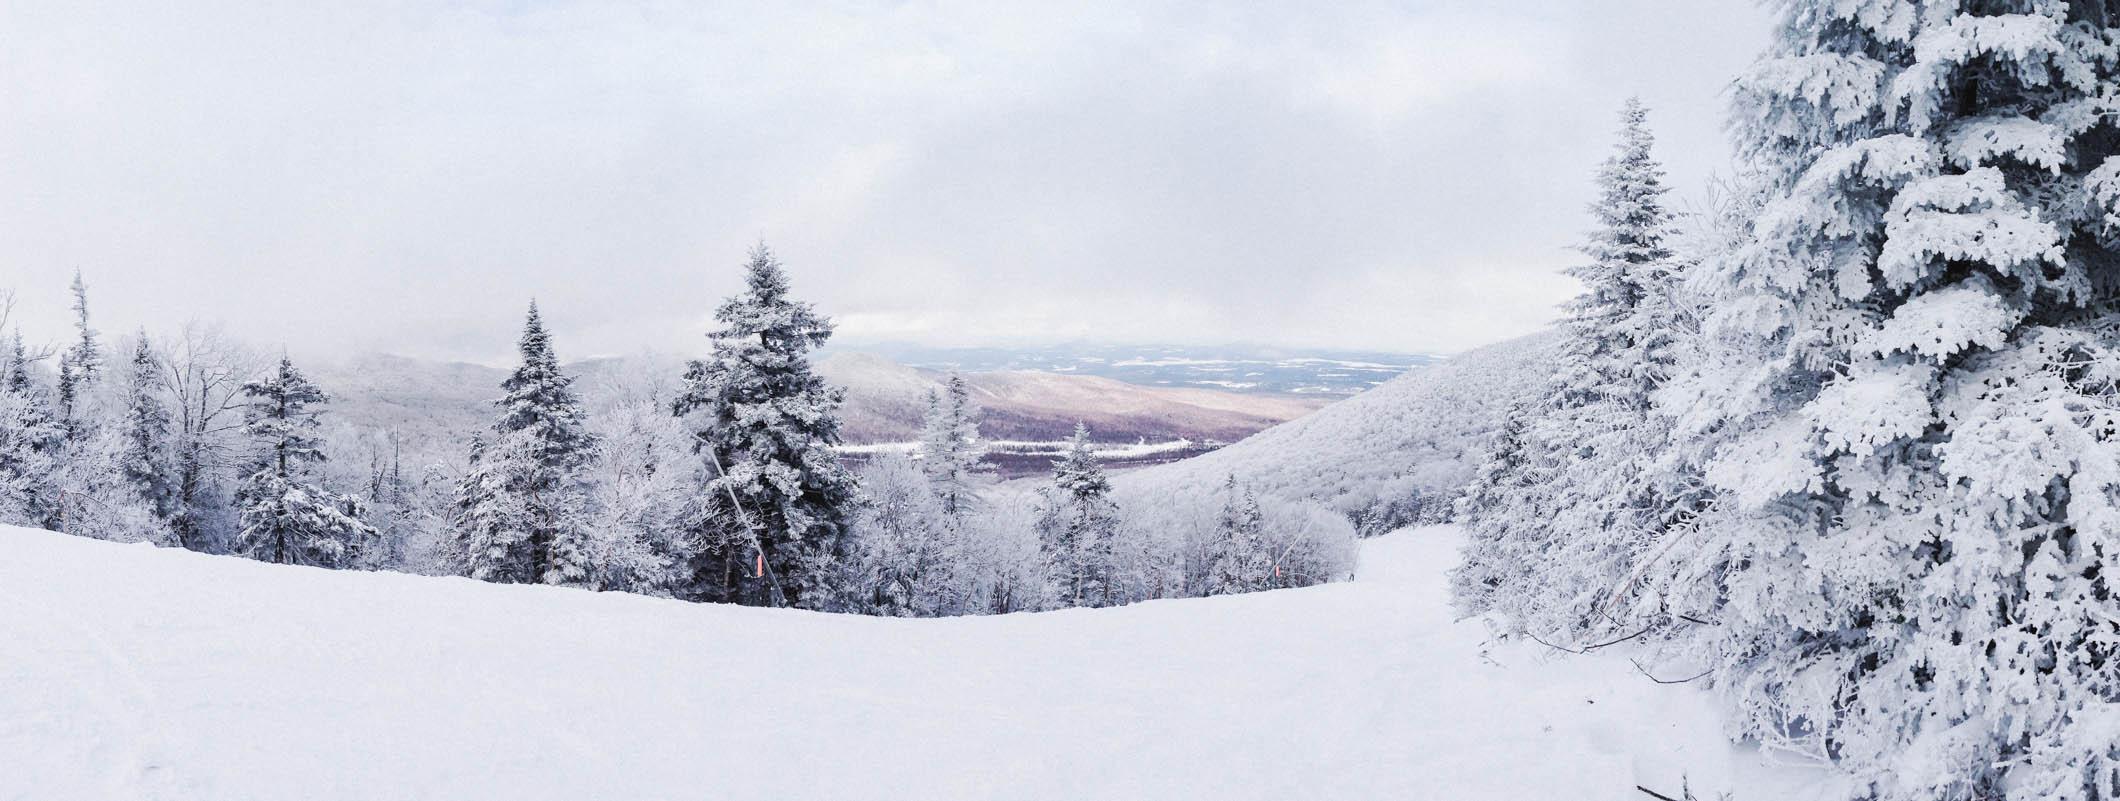 snowy-vermont-06